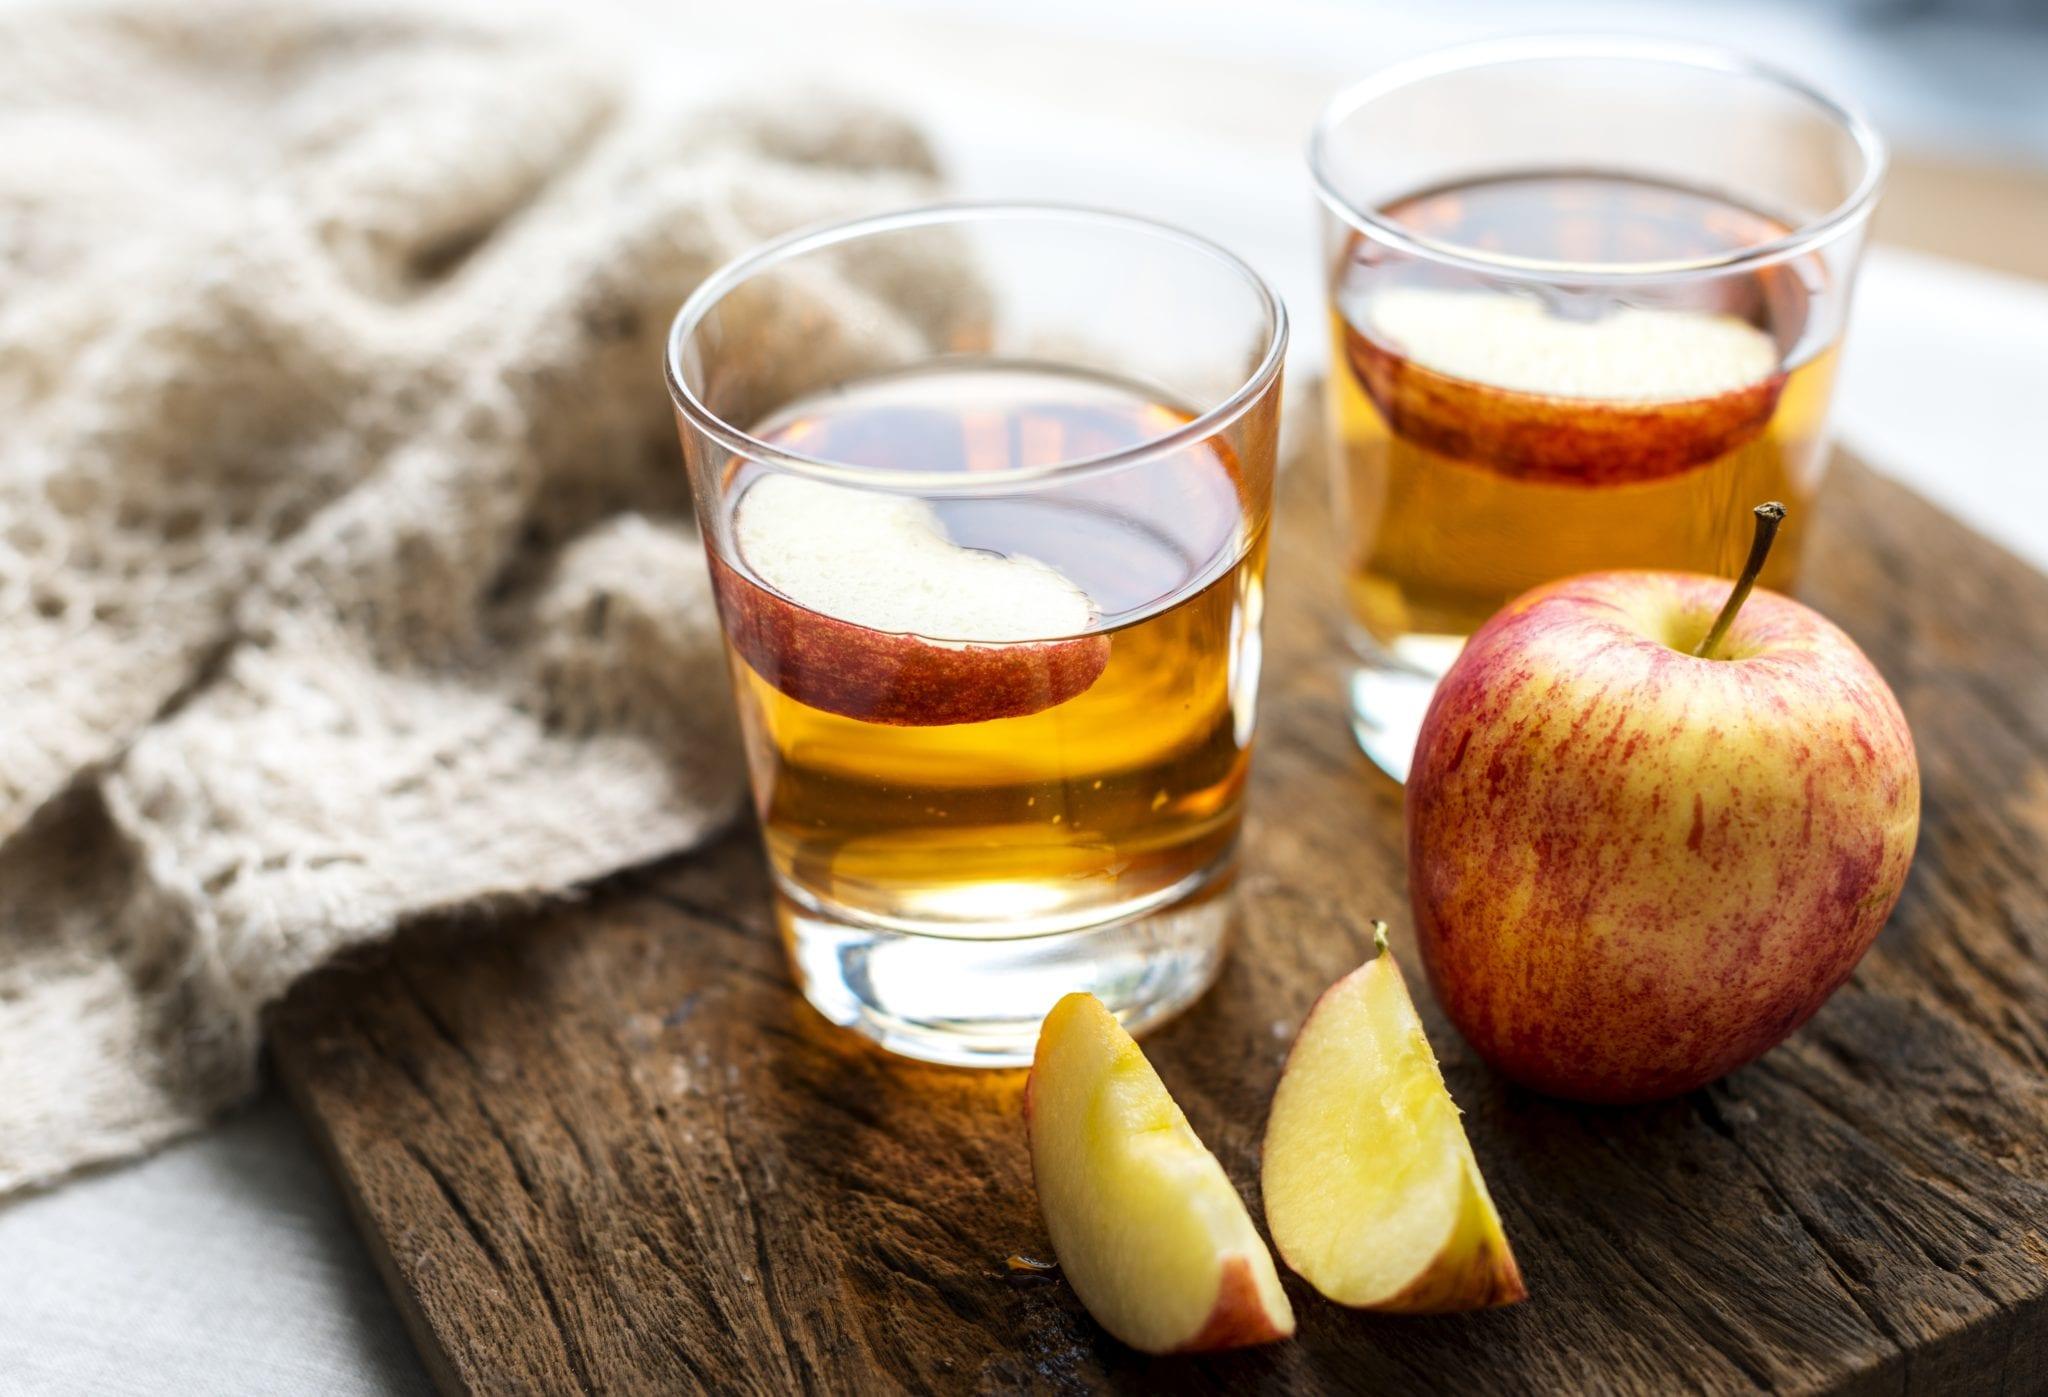 Apfelsaft und Äpfel aus dem Alten Land